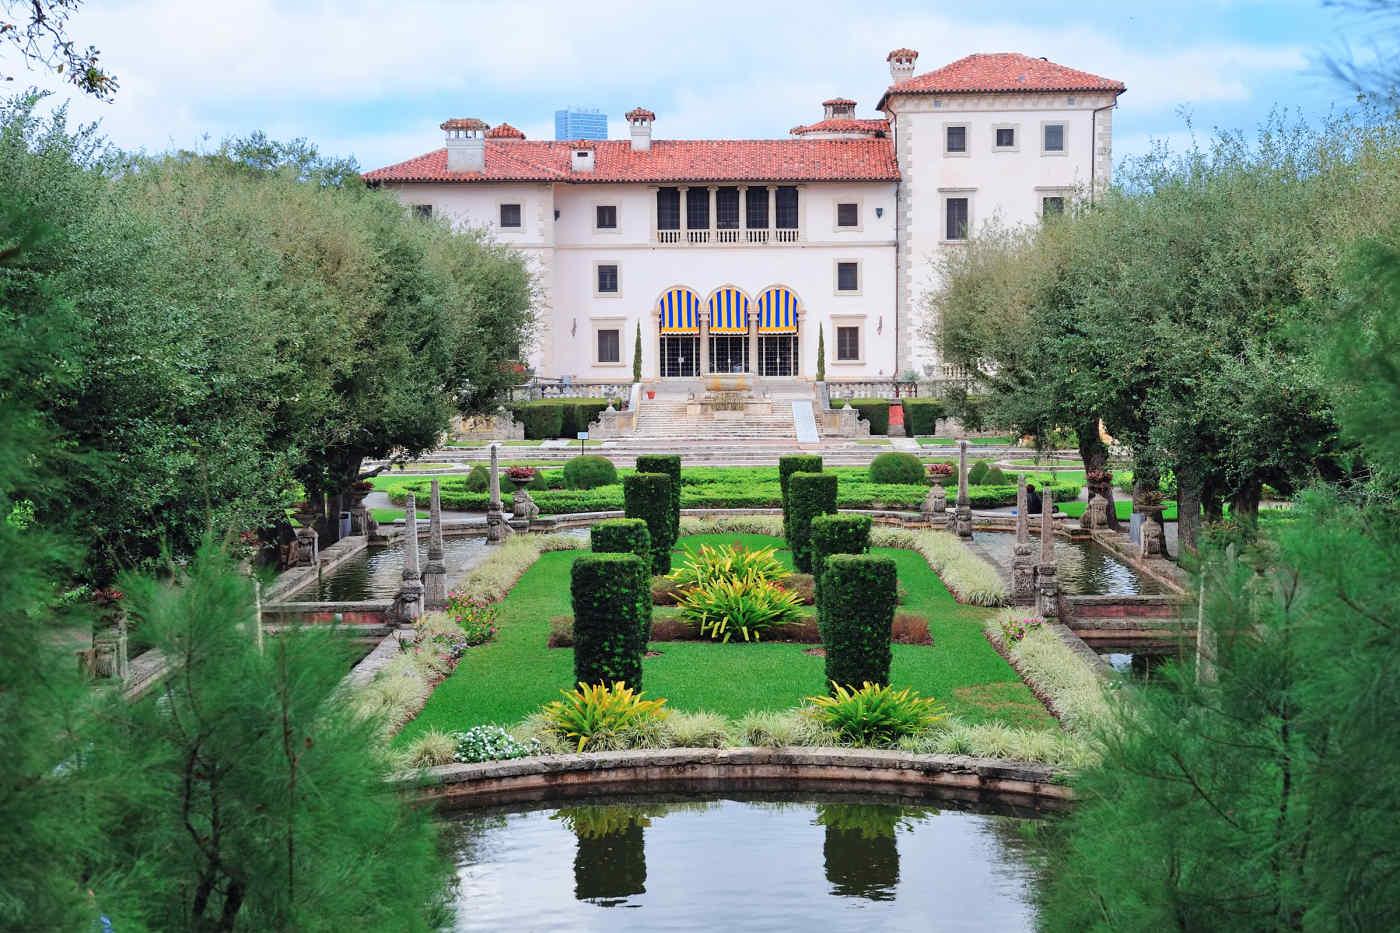 Miami Vizcaya Museum & Gardens